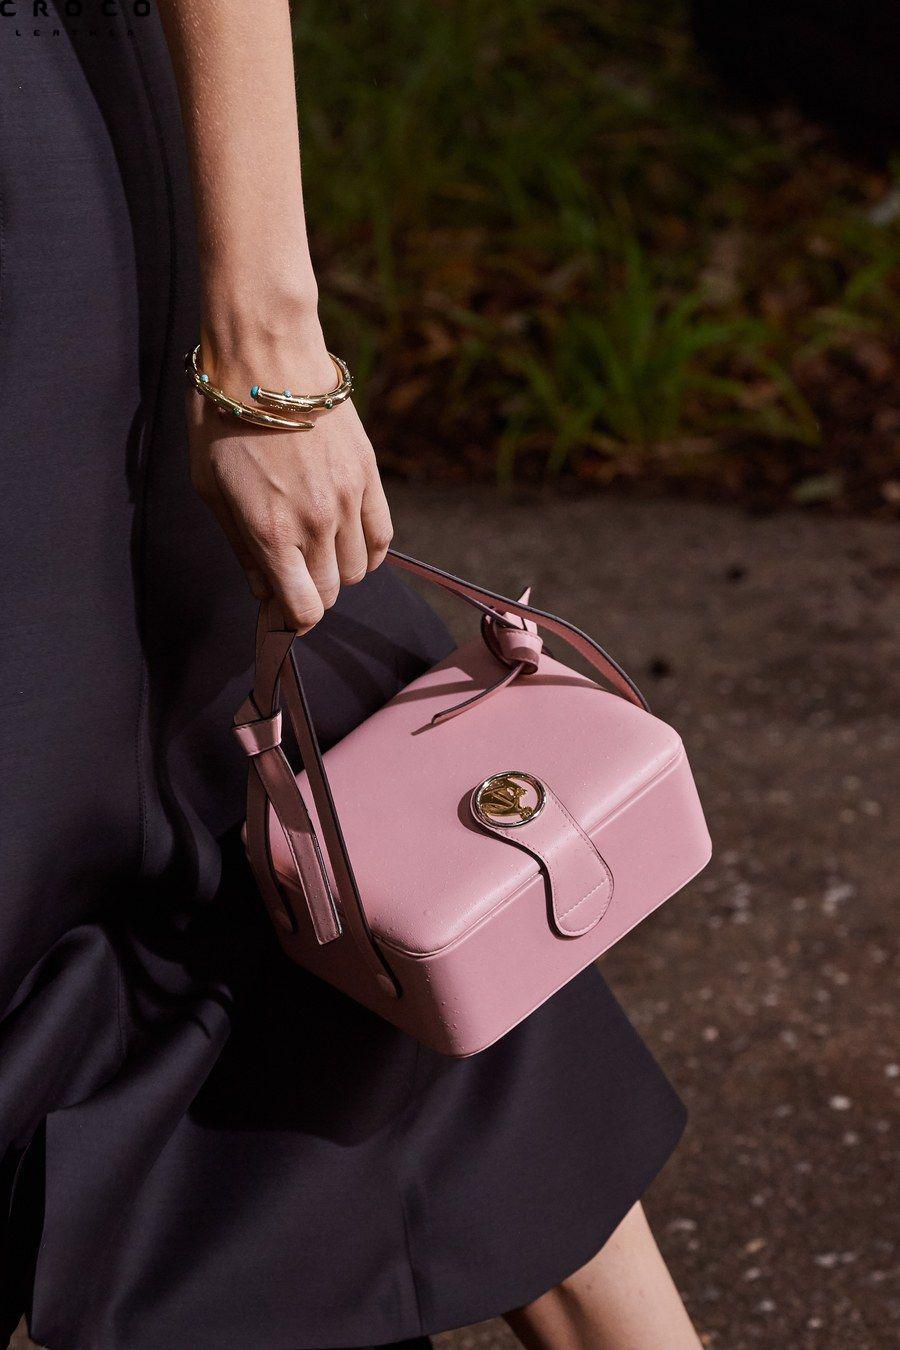 کیف ضروری و شیک